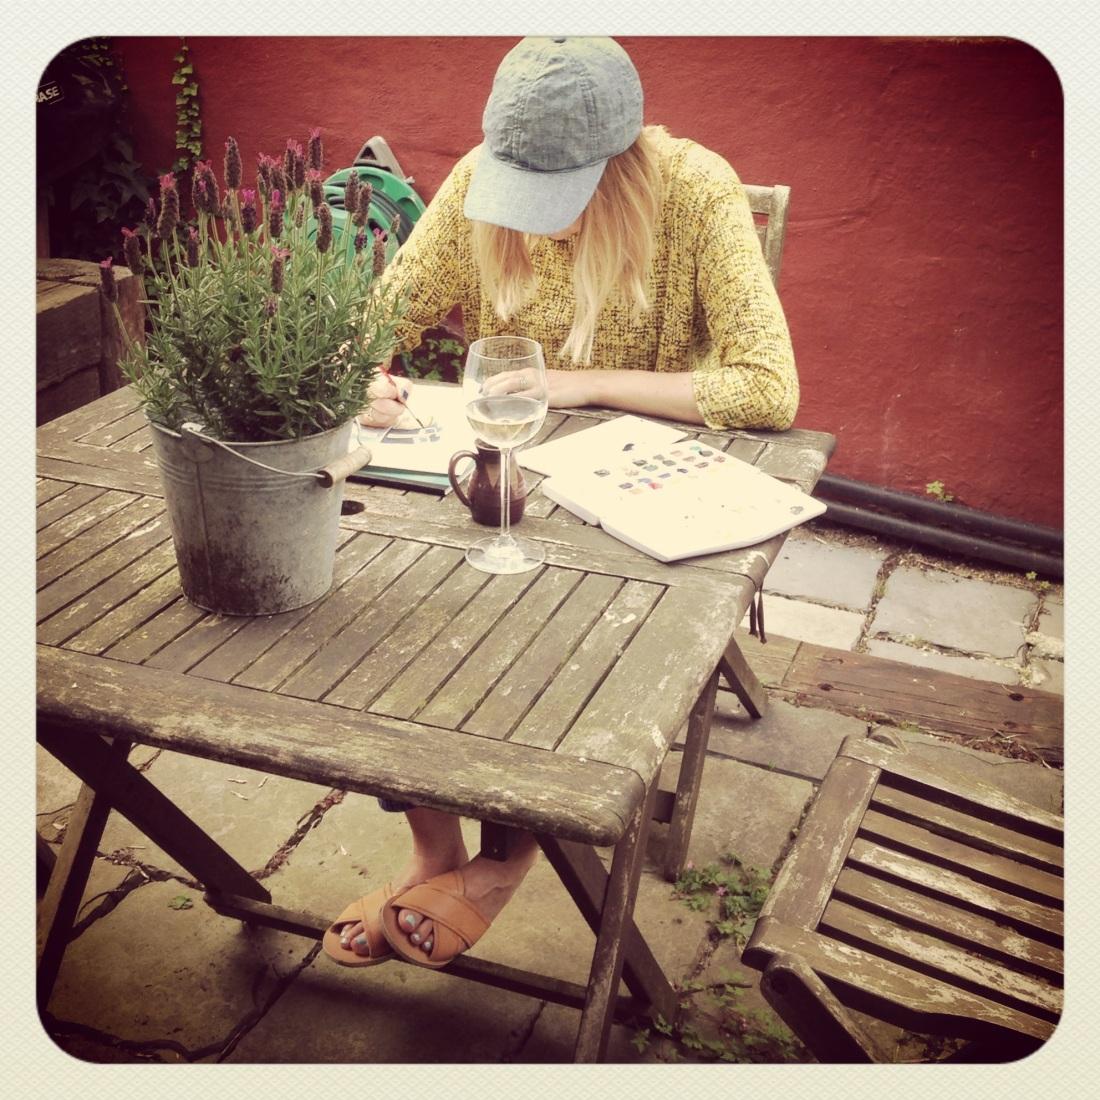 me working hard on my book!